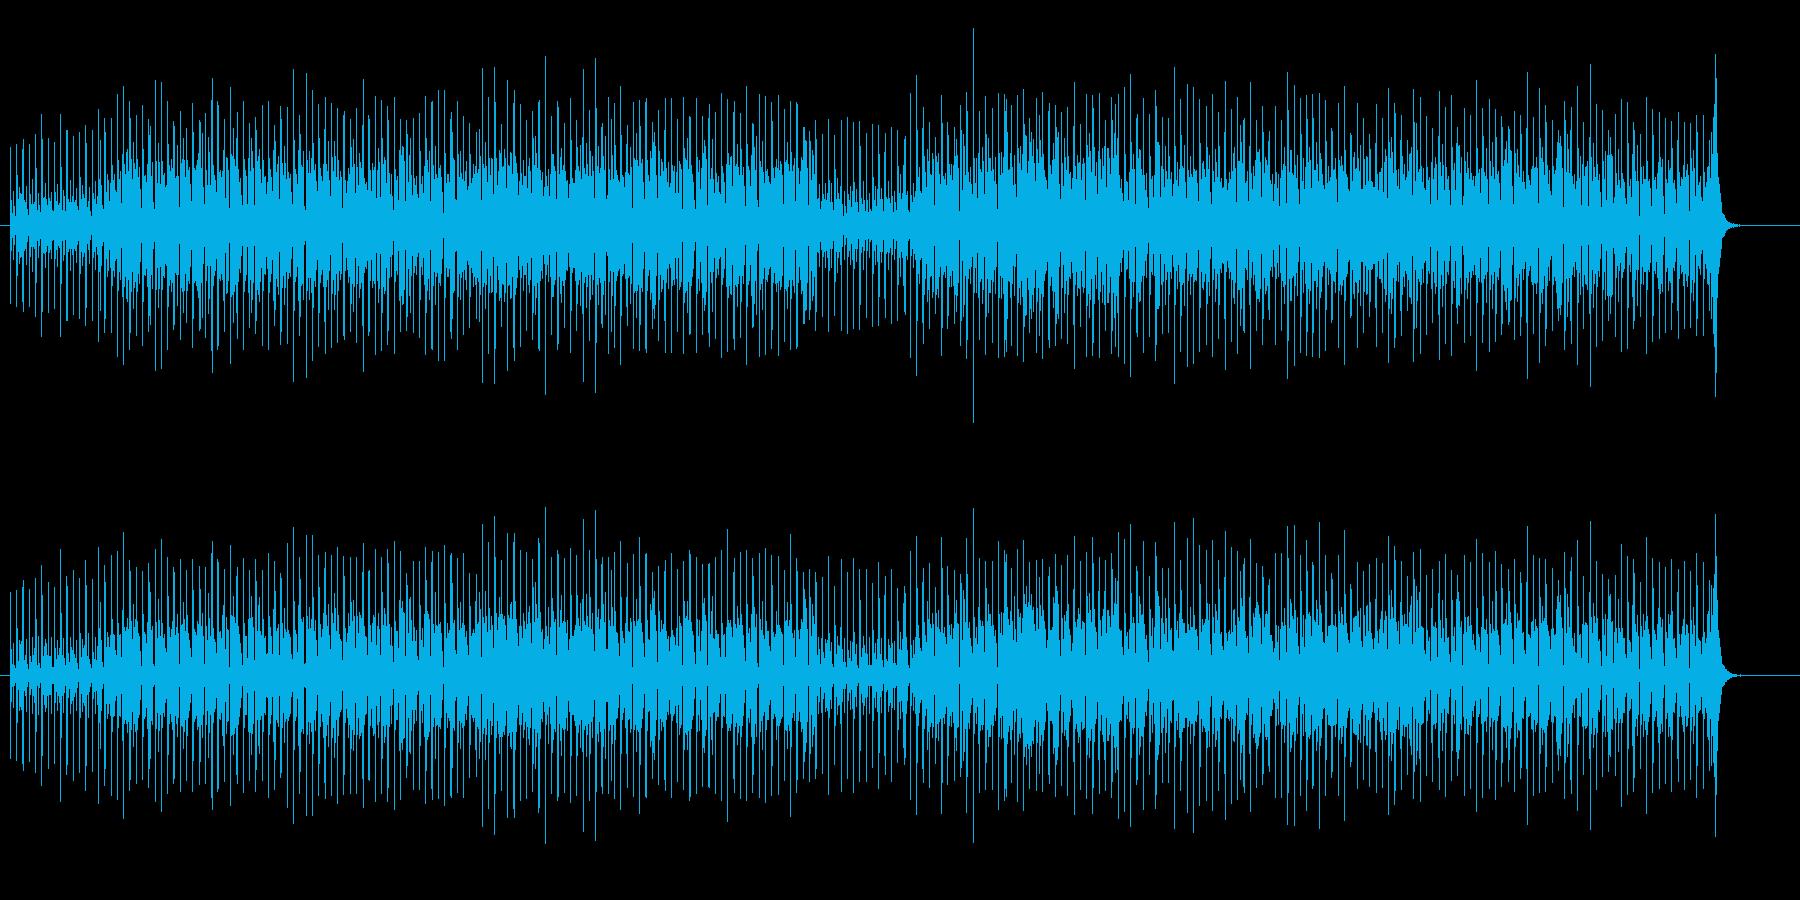 微妙な陰影に富むマイナー調ポップ・ロックの再生済みの波形